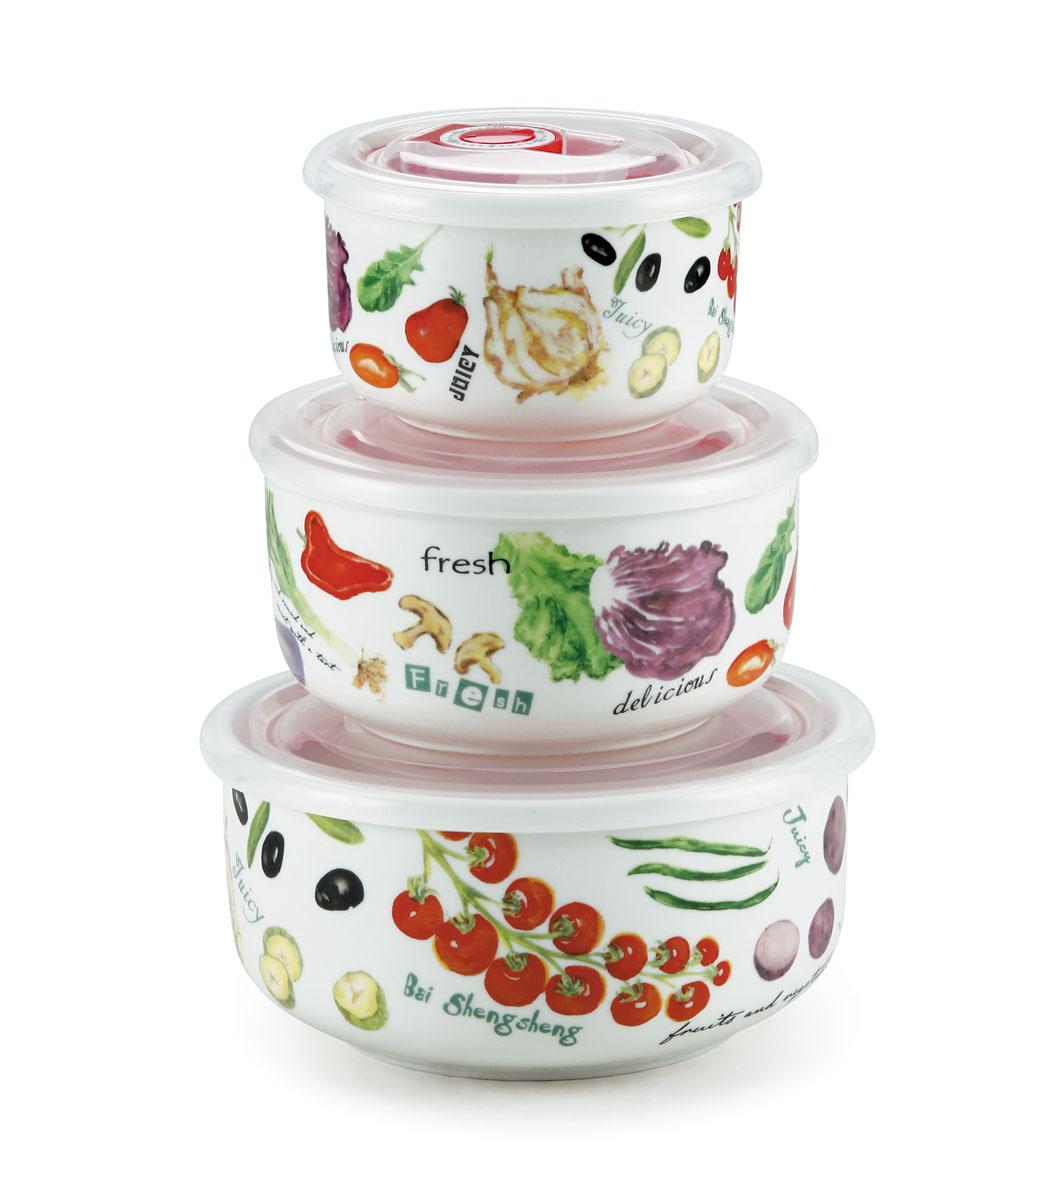 Набор вакуумных контейнеров Bekker Овощи с крышками, 3 штВК-5116Набор Bekker Овощи состоит из трех круглых вакуумных контейнеров разного объема. Контейнеры выполнены из высококачественного фарфора и декорированы изображениями овощей. Изделия надежно закрываются пластиковыми прозрачными вакуумными крышками, которые снабжены силиконовыми уплотнителями для лучшей фиксации. Благодаря этому они будут дольше сохранять свежесть ваших продуктов. Крышки оснащены специальным откидывающимися механизмами с отметками дня месяца, которые вы можете установить вручную и всегда быть уверенным в сроке годности продуктов. Чтобы открыть контейнер, вам нужно откинуть механизм вверх. Набор очень удобно хранить, и на кухне он не займет много места, так как изделия складываются друг в друга по принципу матрешки. Функциональный и яркий набор контейнеров Bekker Овощи займет достойное место среди аксессуаров на вашей кухне. Контейнеры пригодны для использования в микроволновой печи и посудомоечной машине. Комплектация: 3 шт. Объем...